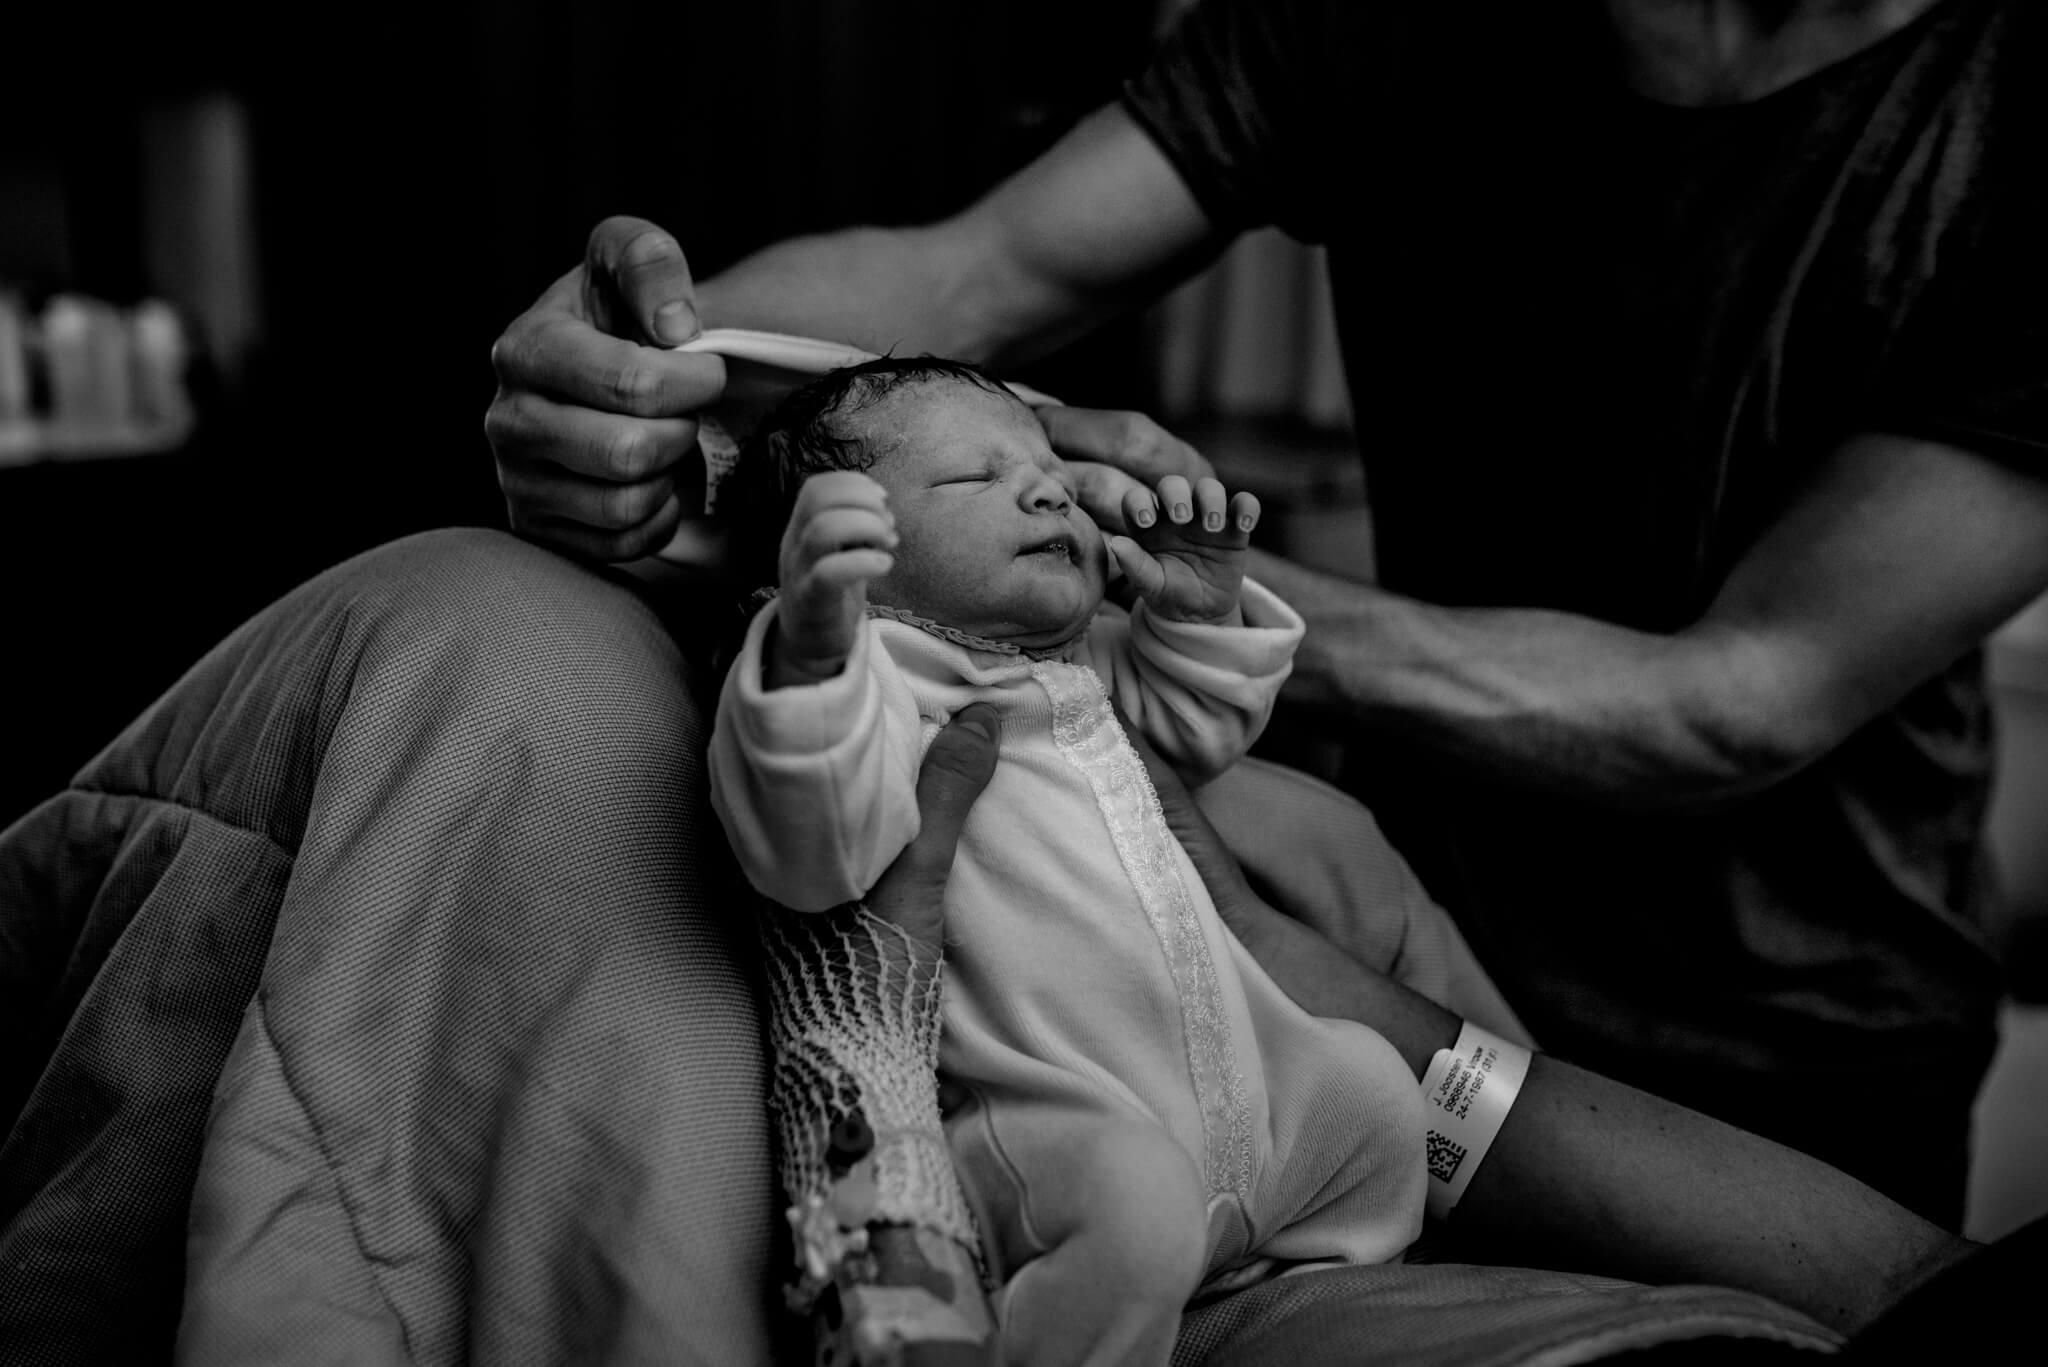 geboortefotografie Eindhoven Birth Day geboortefotografie Cindy Willems geboortefotograaf